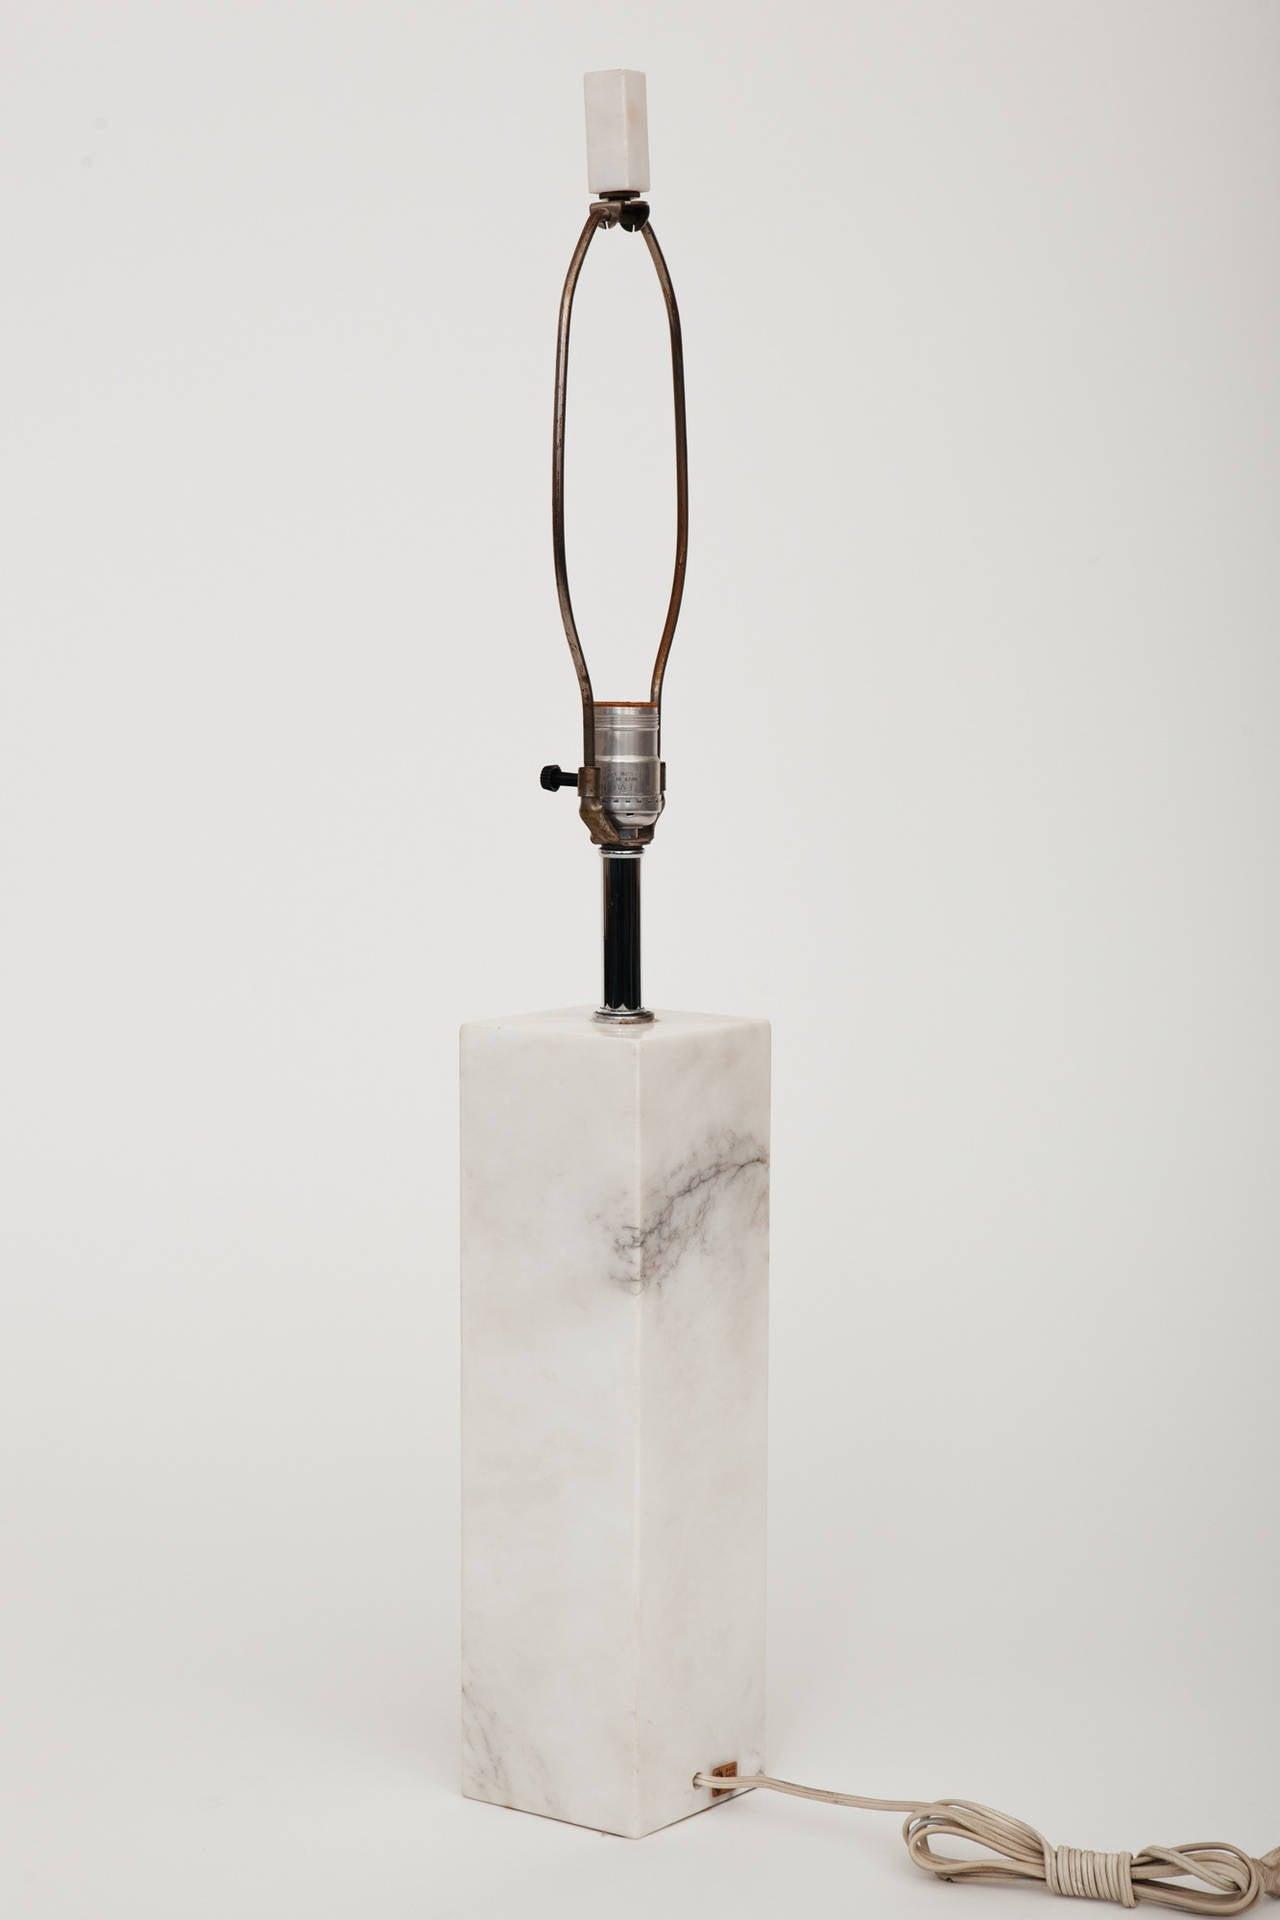 Marble Lamp in the Manner of T.H. Robsjohn-Gibbings For Sale 2